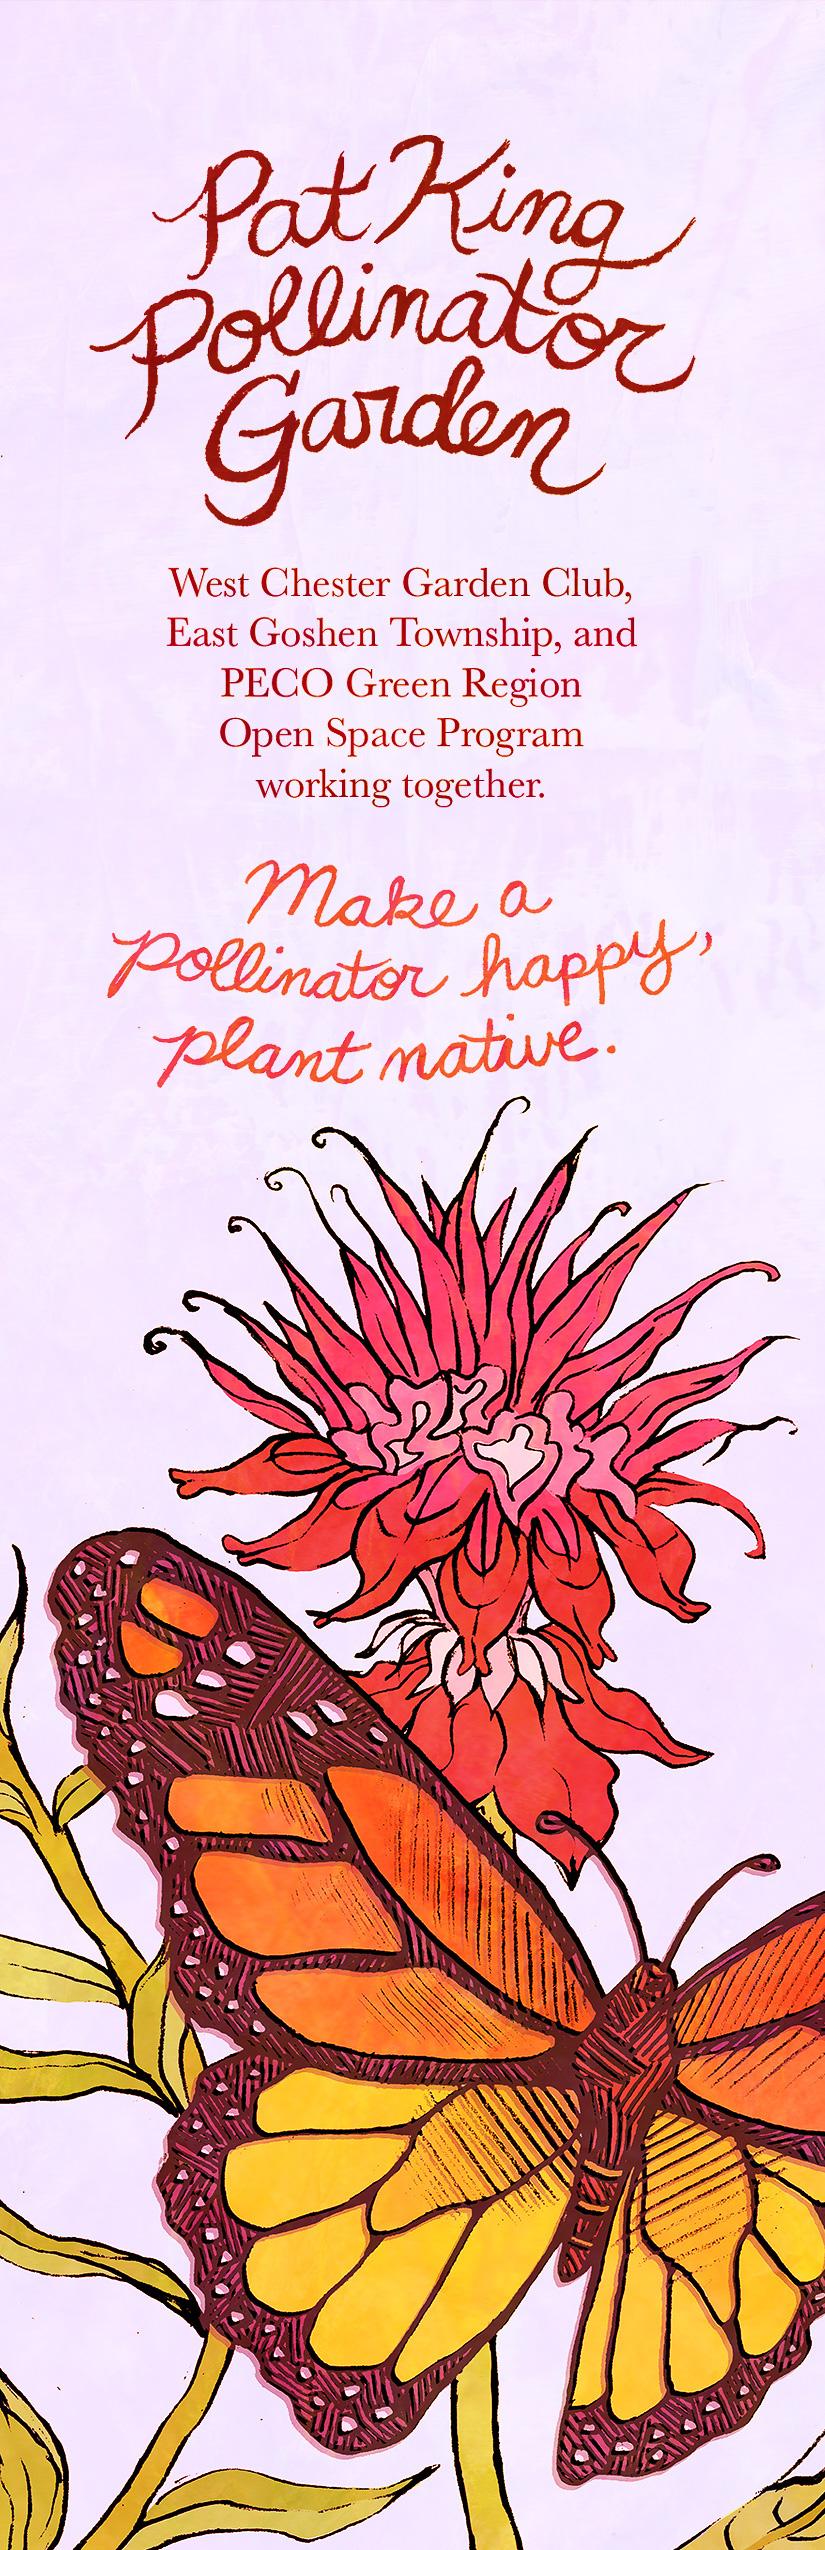 Pollinator Bookmark-1 (1).jpg